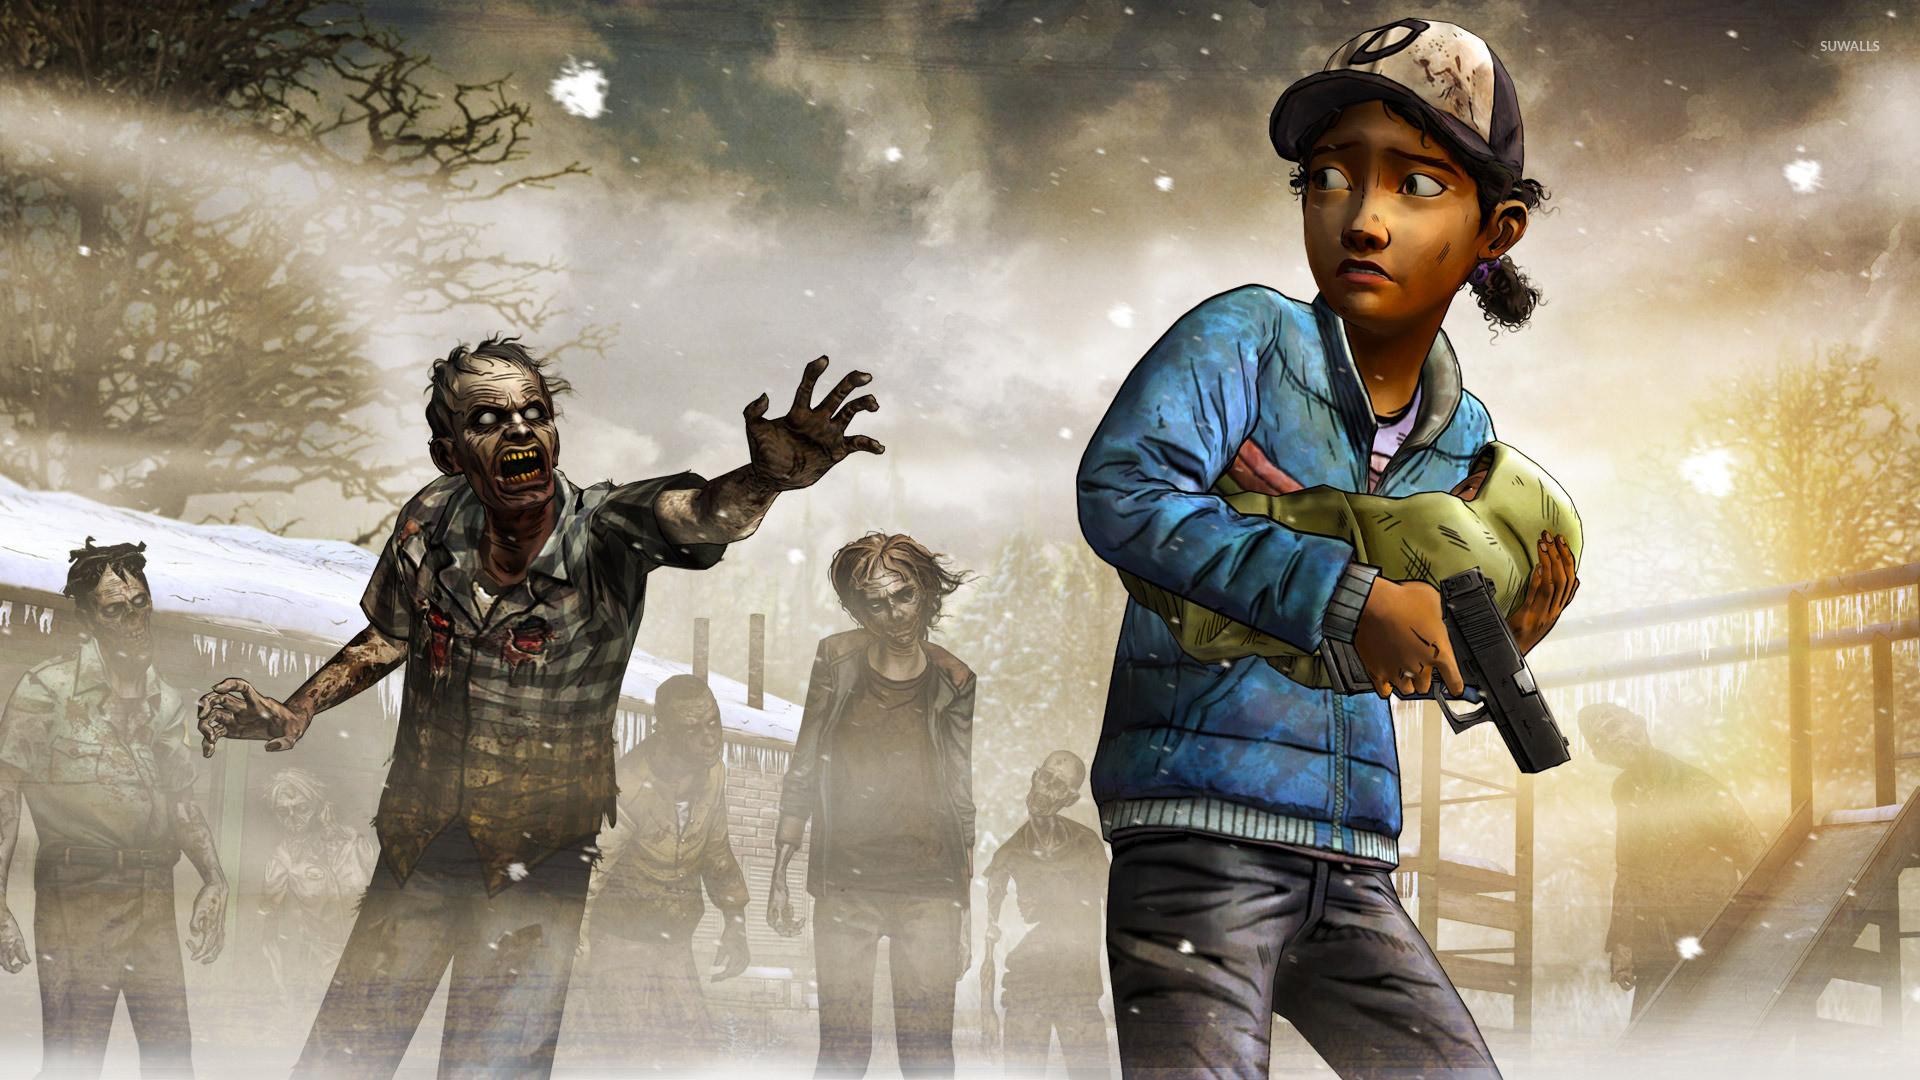 Clementine – The Walking Dead: Season Two wallpaper jpg